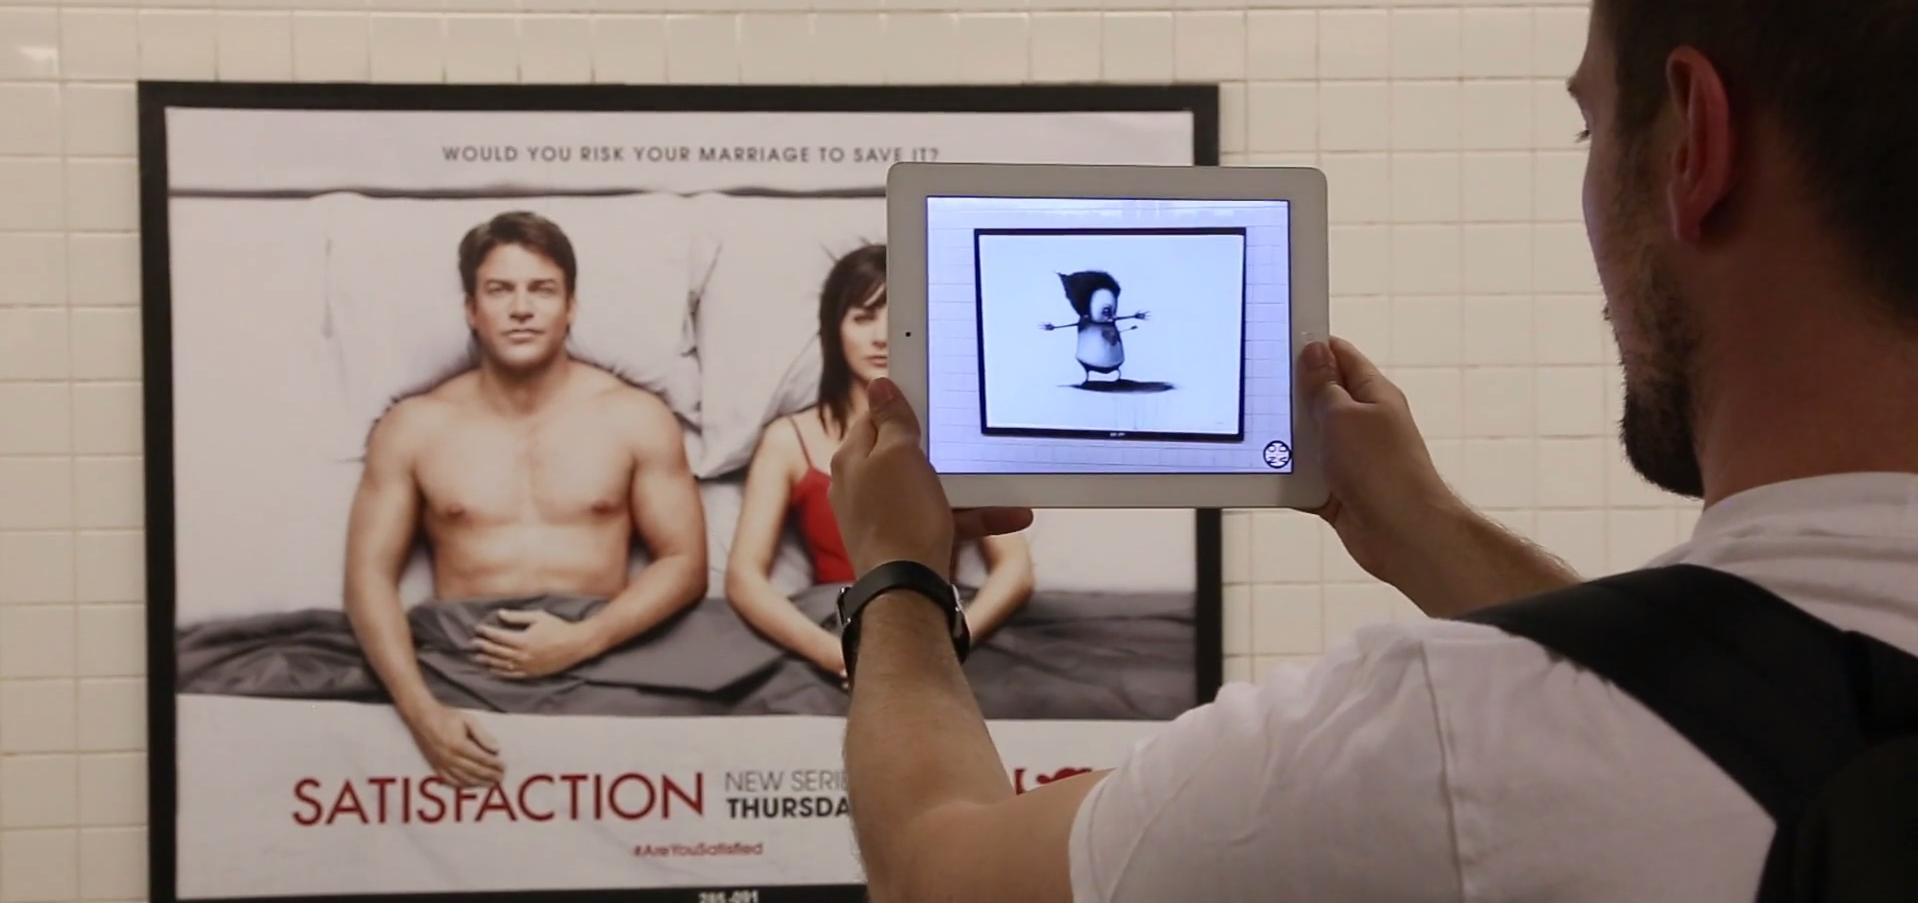 Digitales Adbusting - Mit der NO AD App Werbung im öffentlichen Raum entsorgen